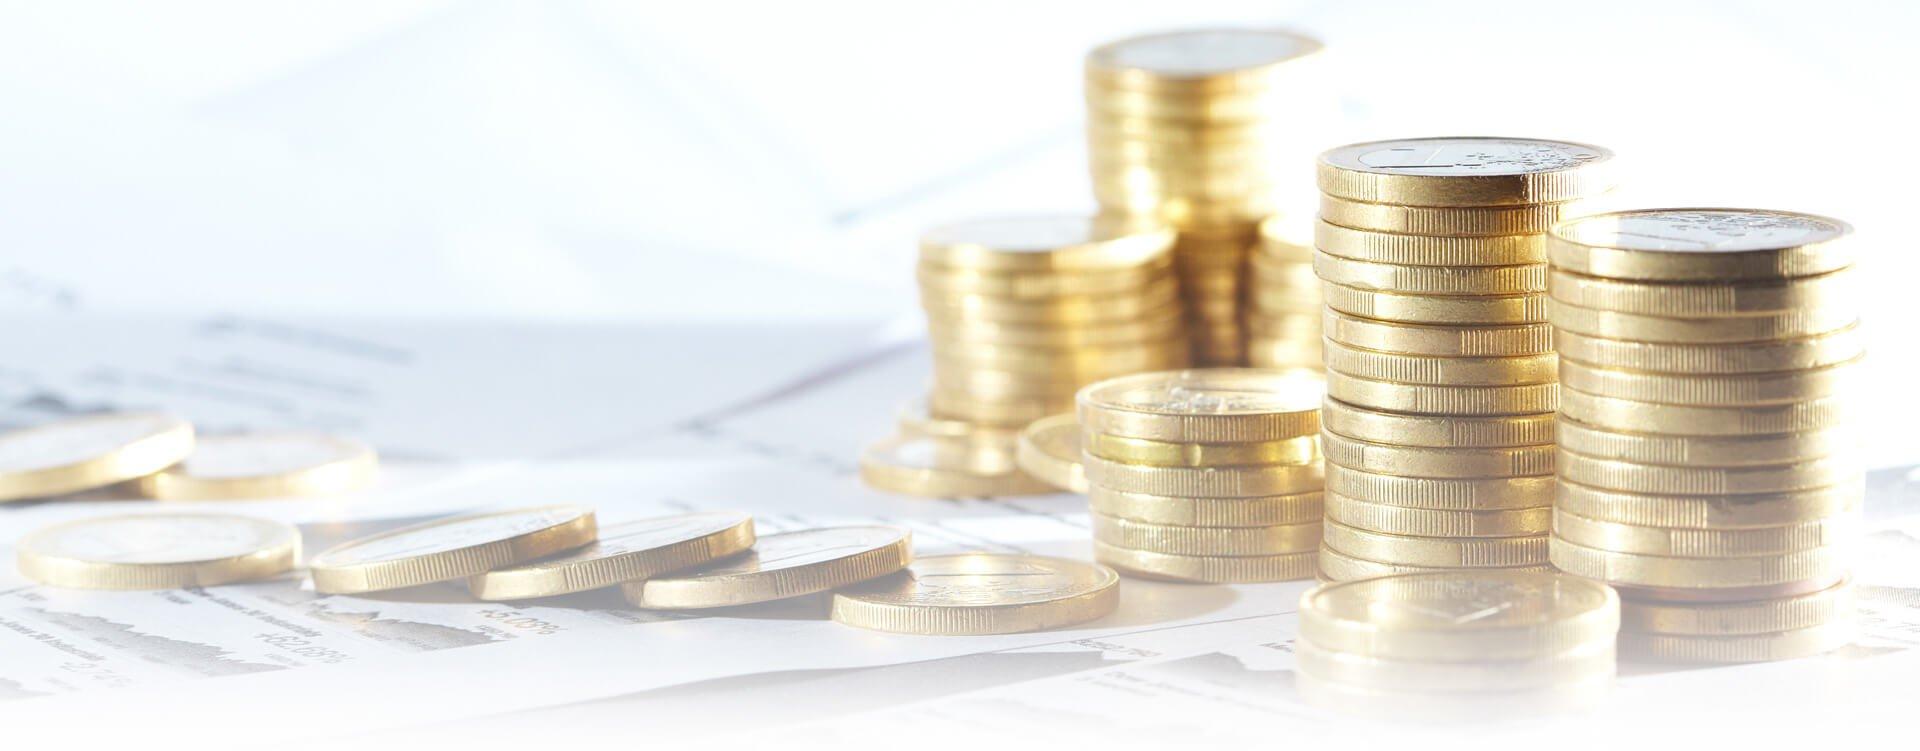 Κατασκευή e-shop & ιστοσελίδων Θεσσαλονίκη Πόσο κοστίζει μια ιστοσελίδα;<br />(Mέρος Α)